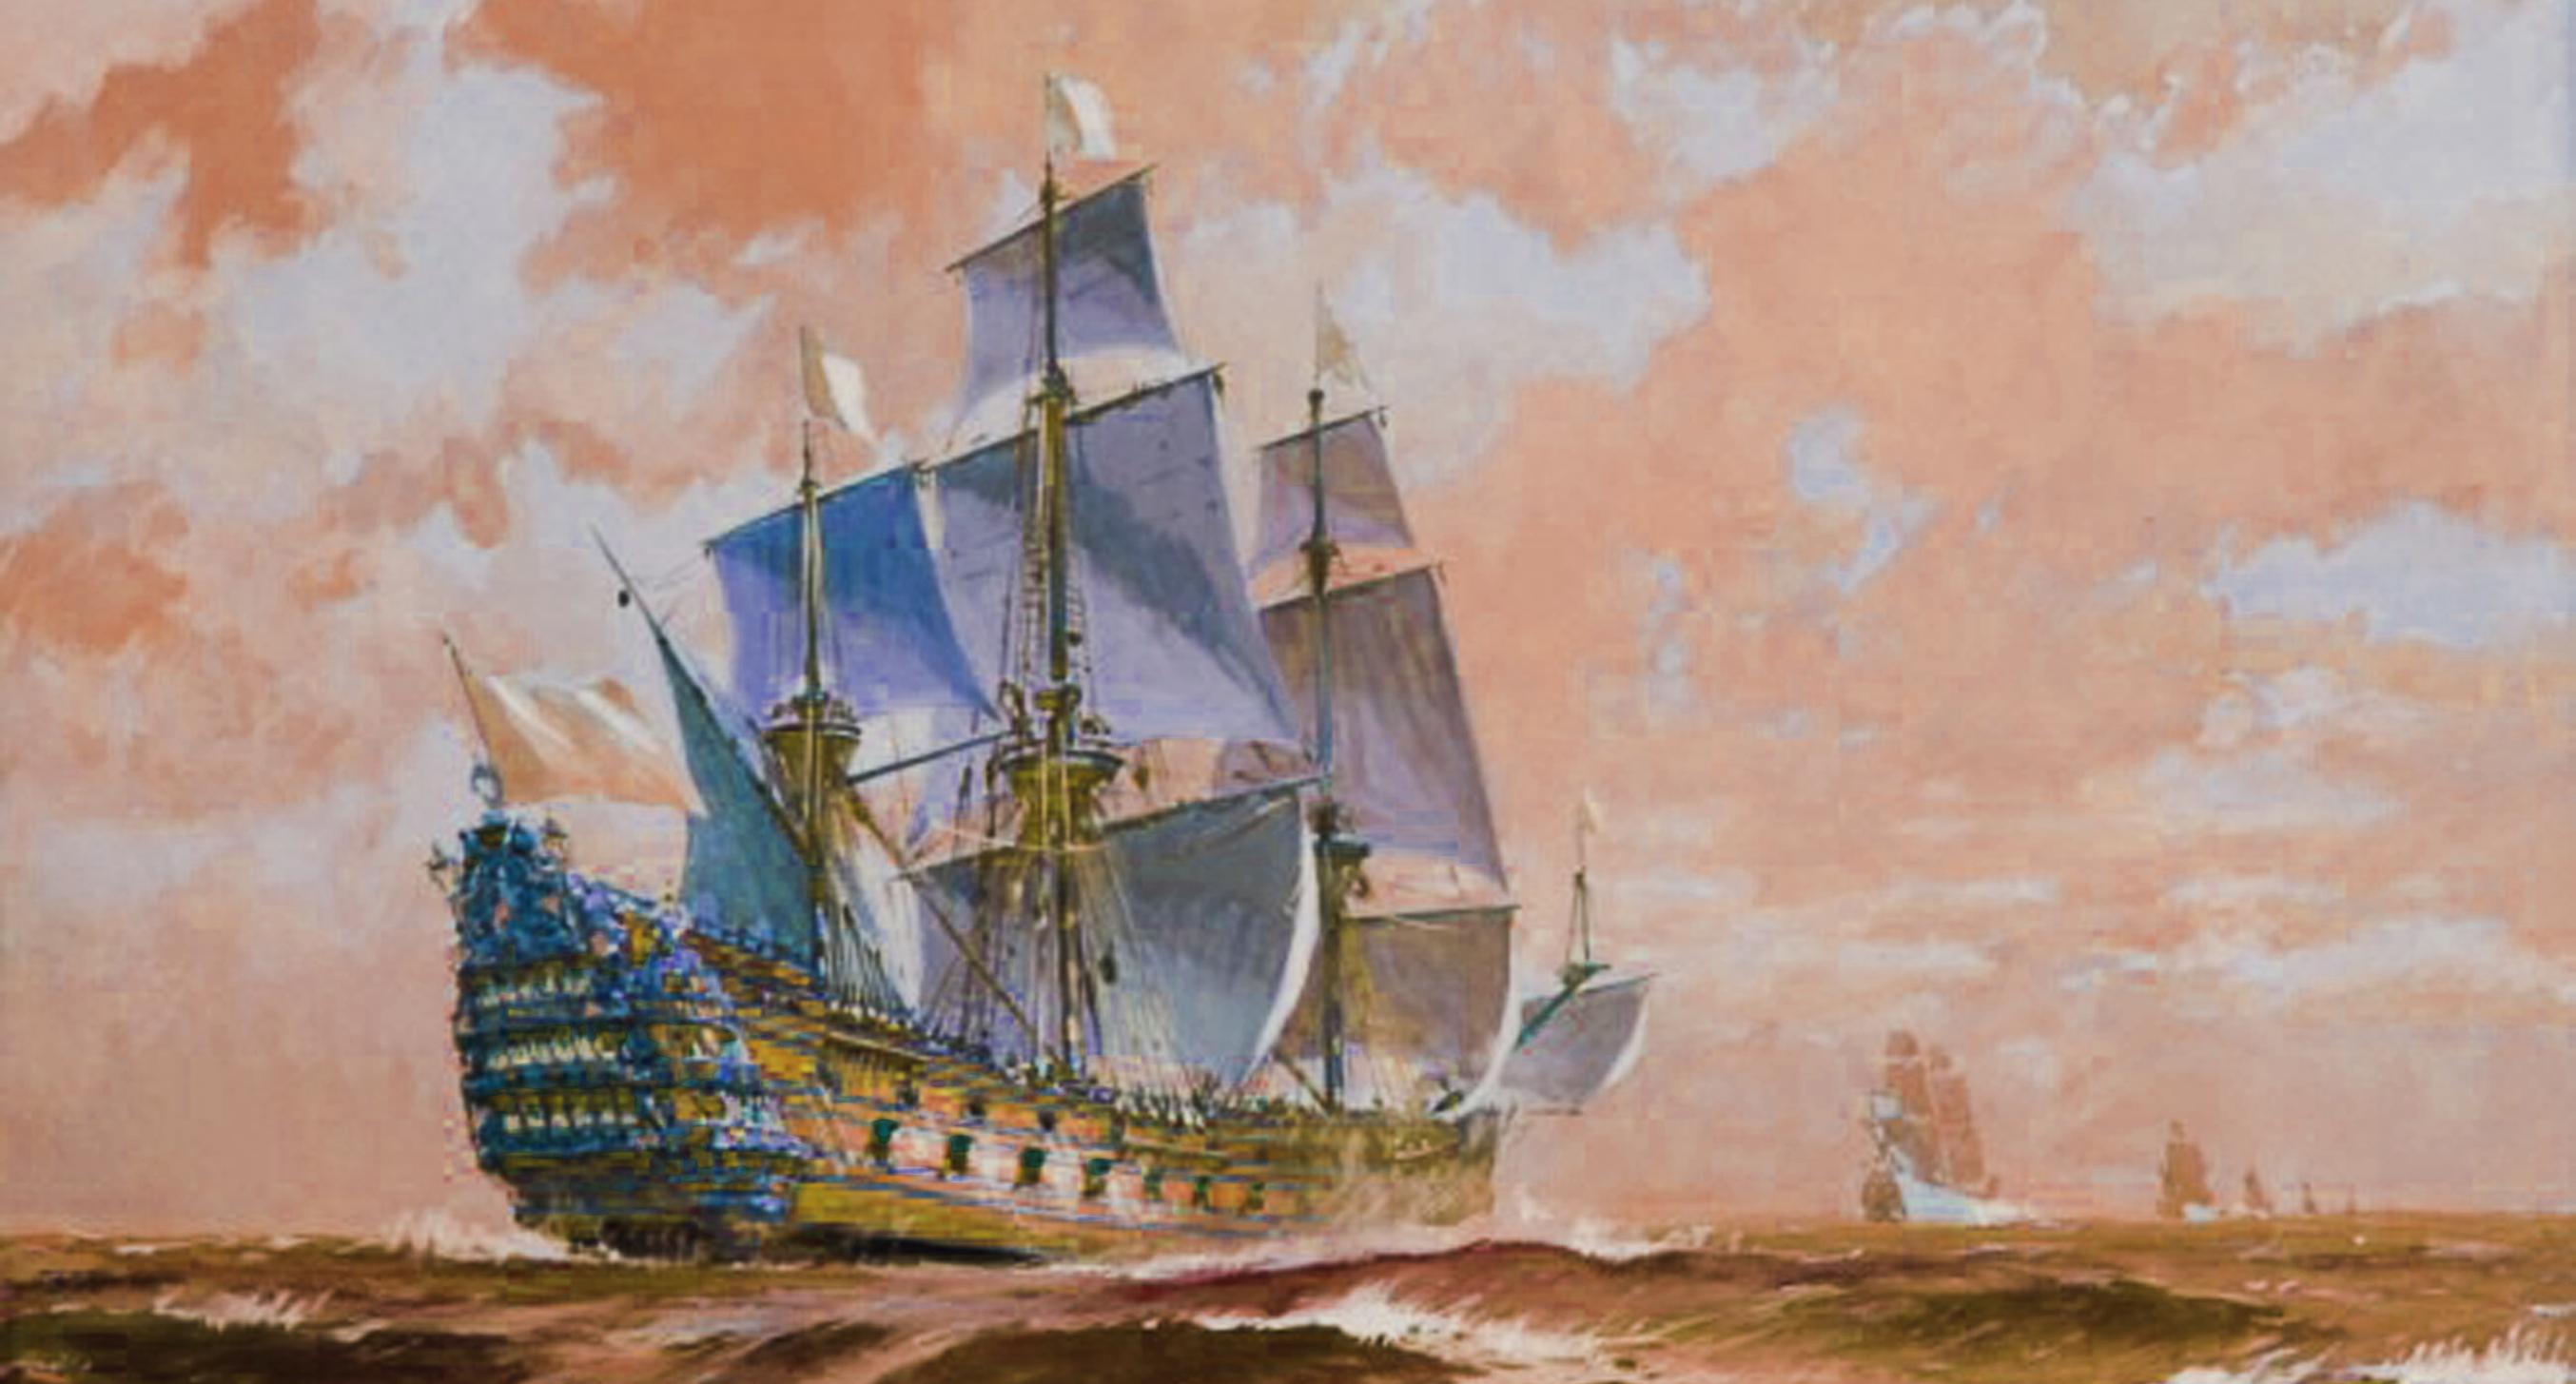 French Invasion Fleet